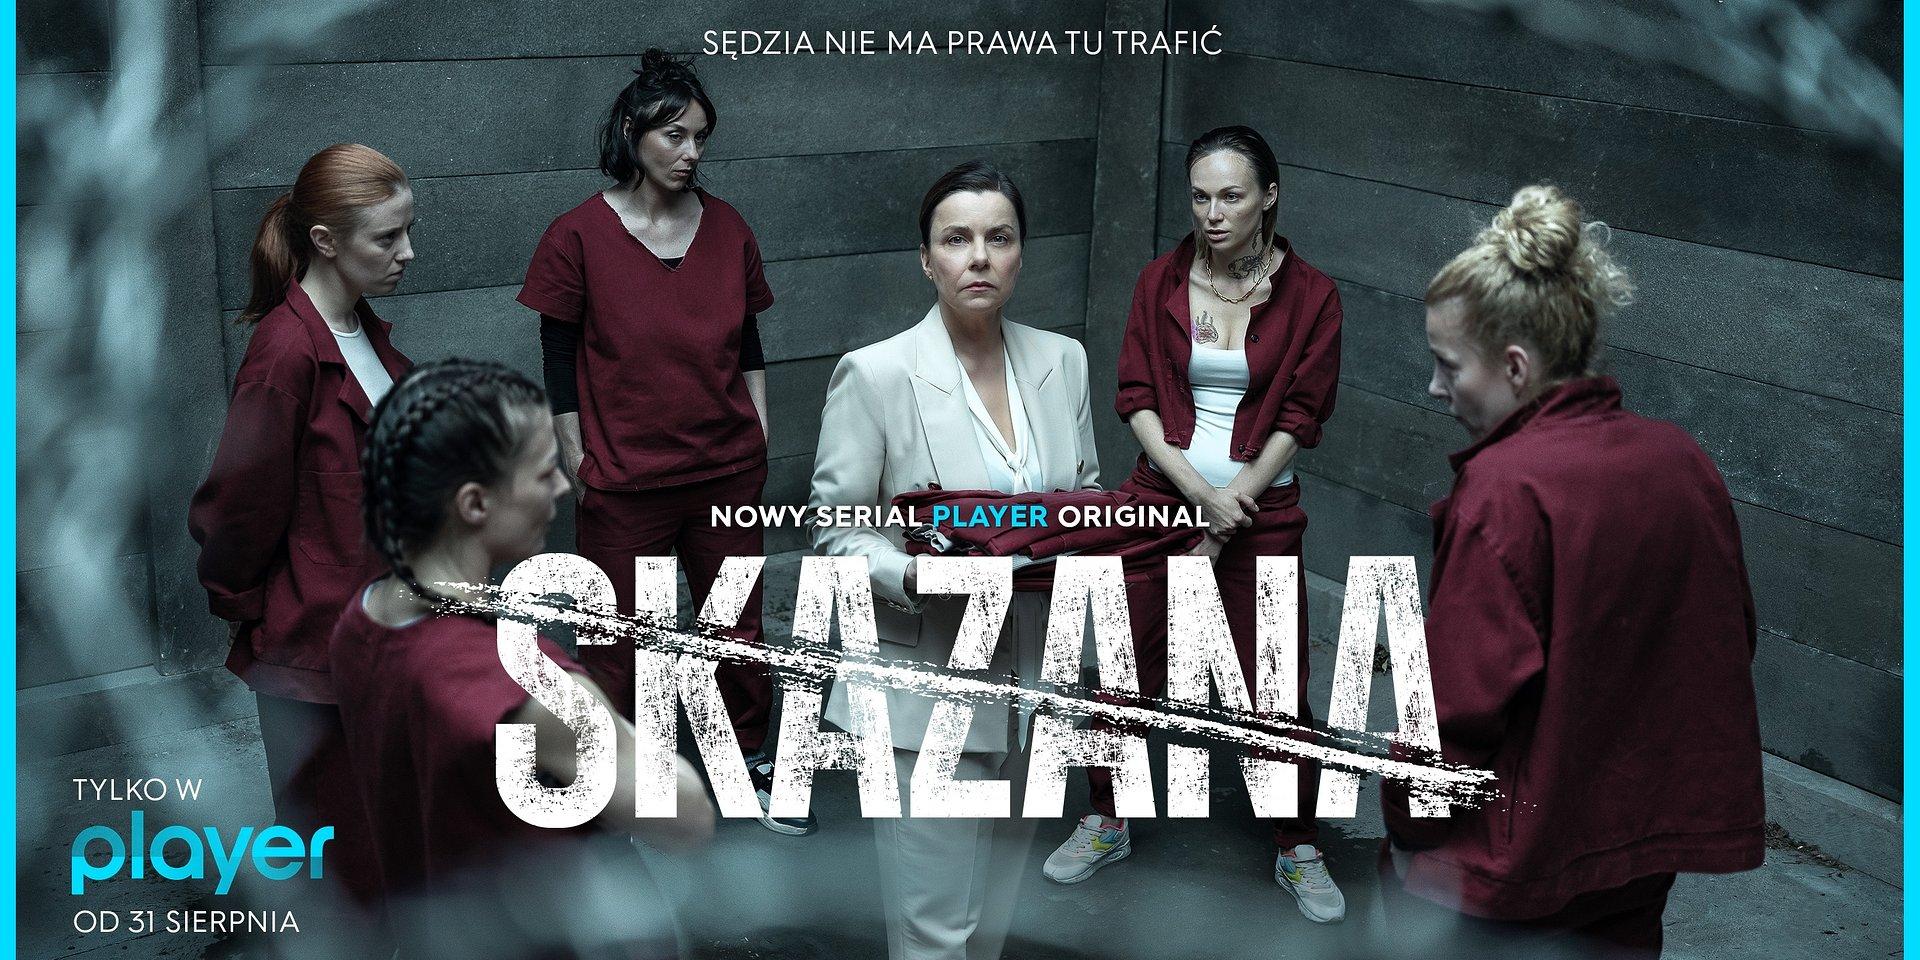 """""""Skazana"""" - premiera najnowszego serialu Player Original już 31 sierpnia!"""